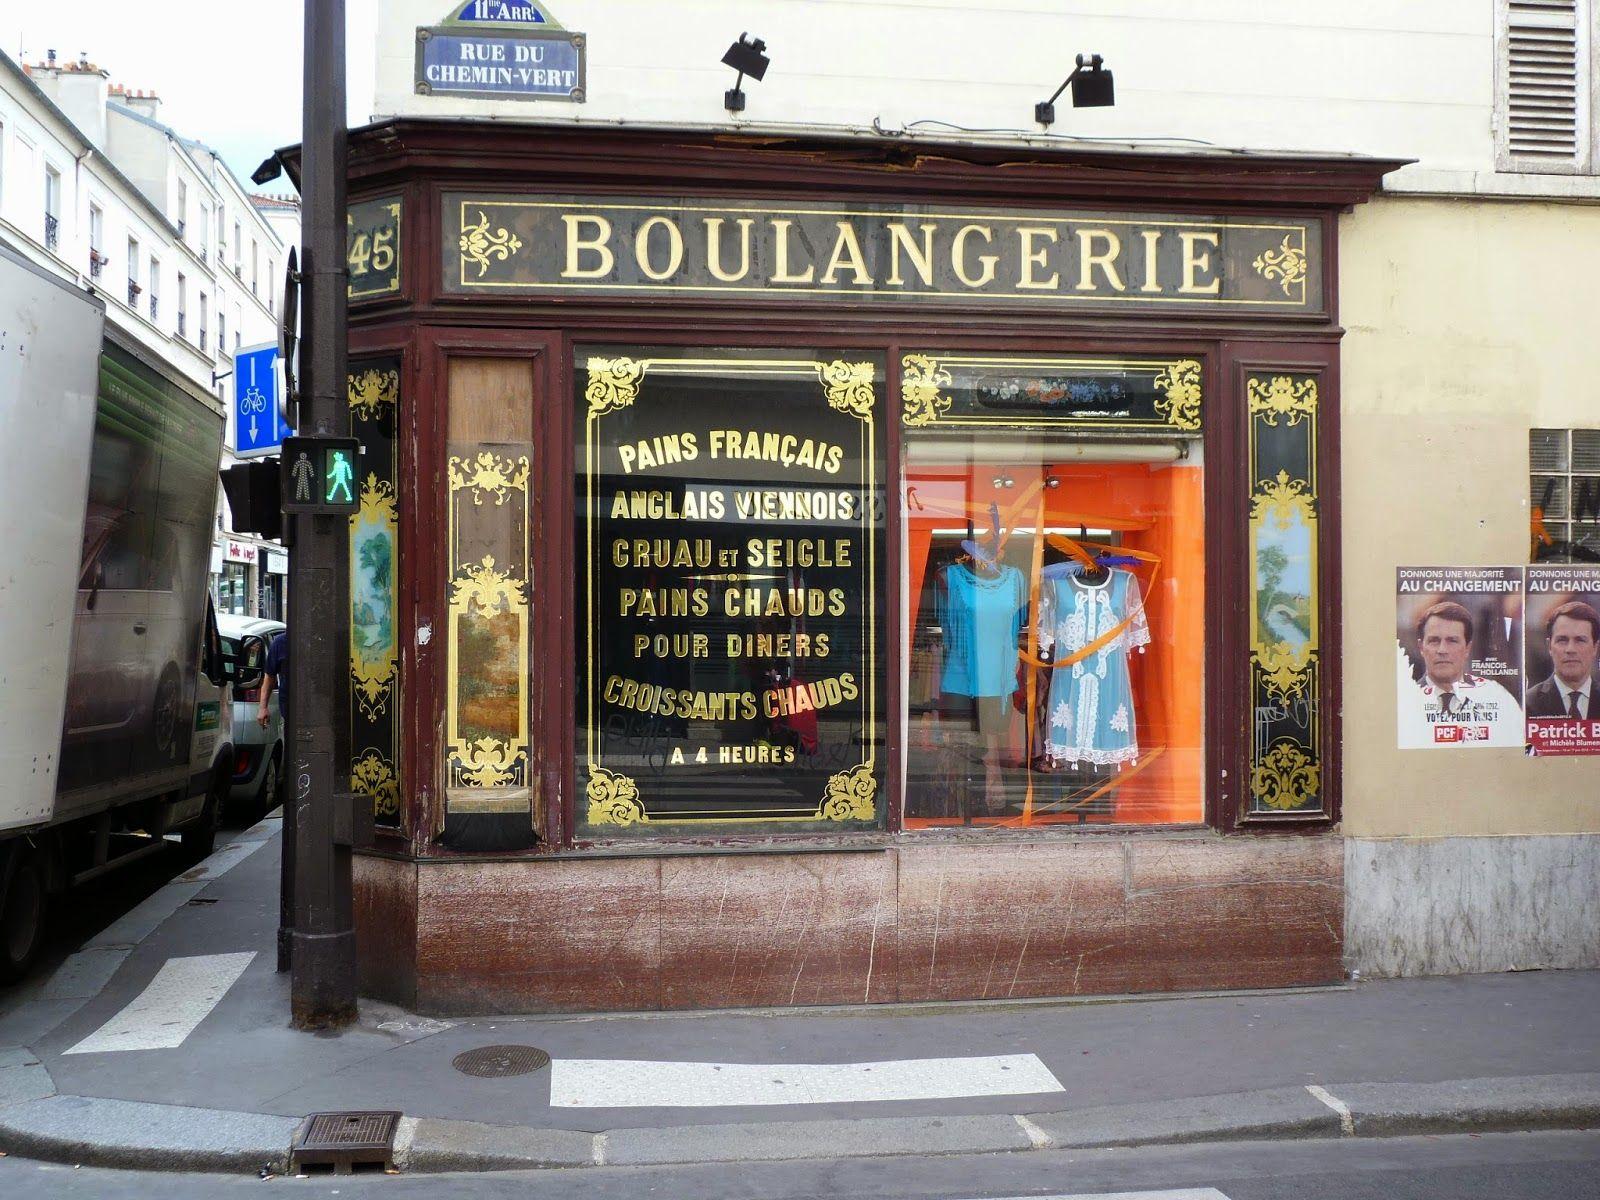 une ancienne boulangerie imh 45 rue popincourt souvenirs pinterest boulangerie rues et. Black Bedroom Furniture Sets. Home Design Ideas